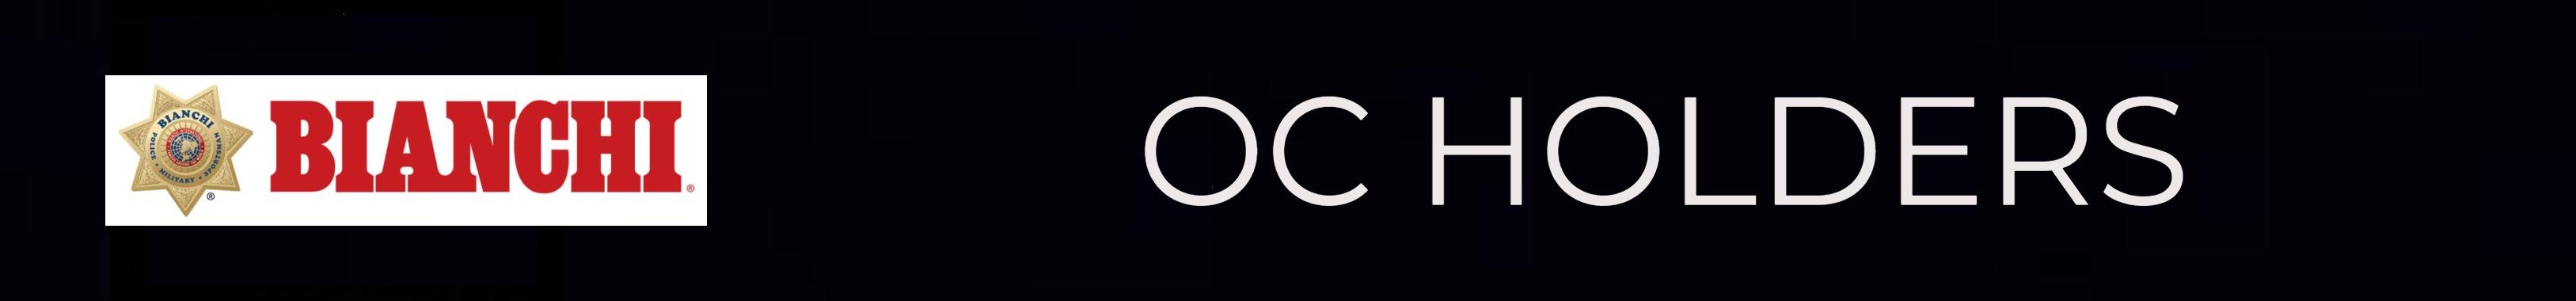 OCbianchi.jpg